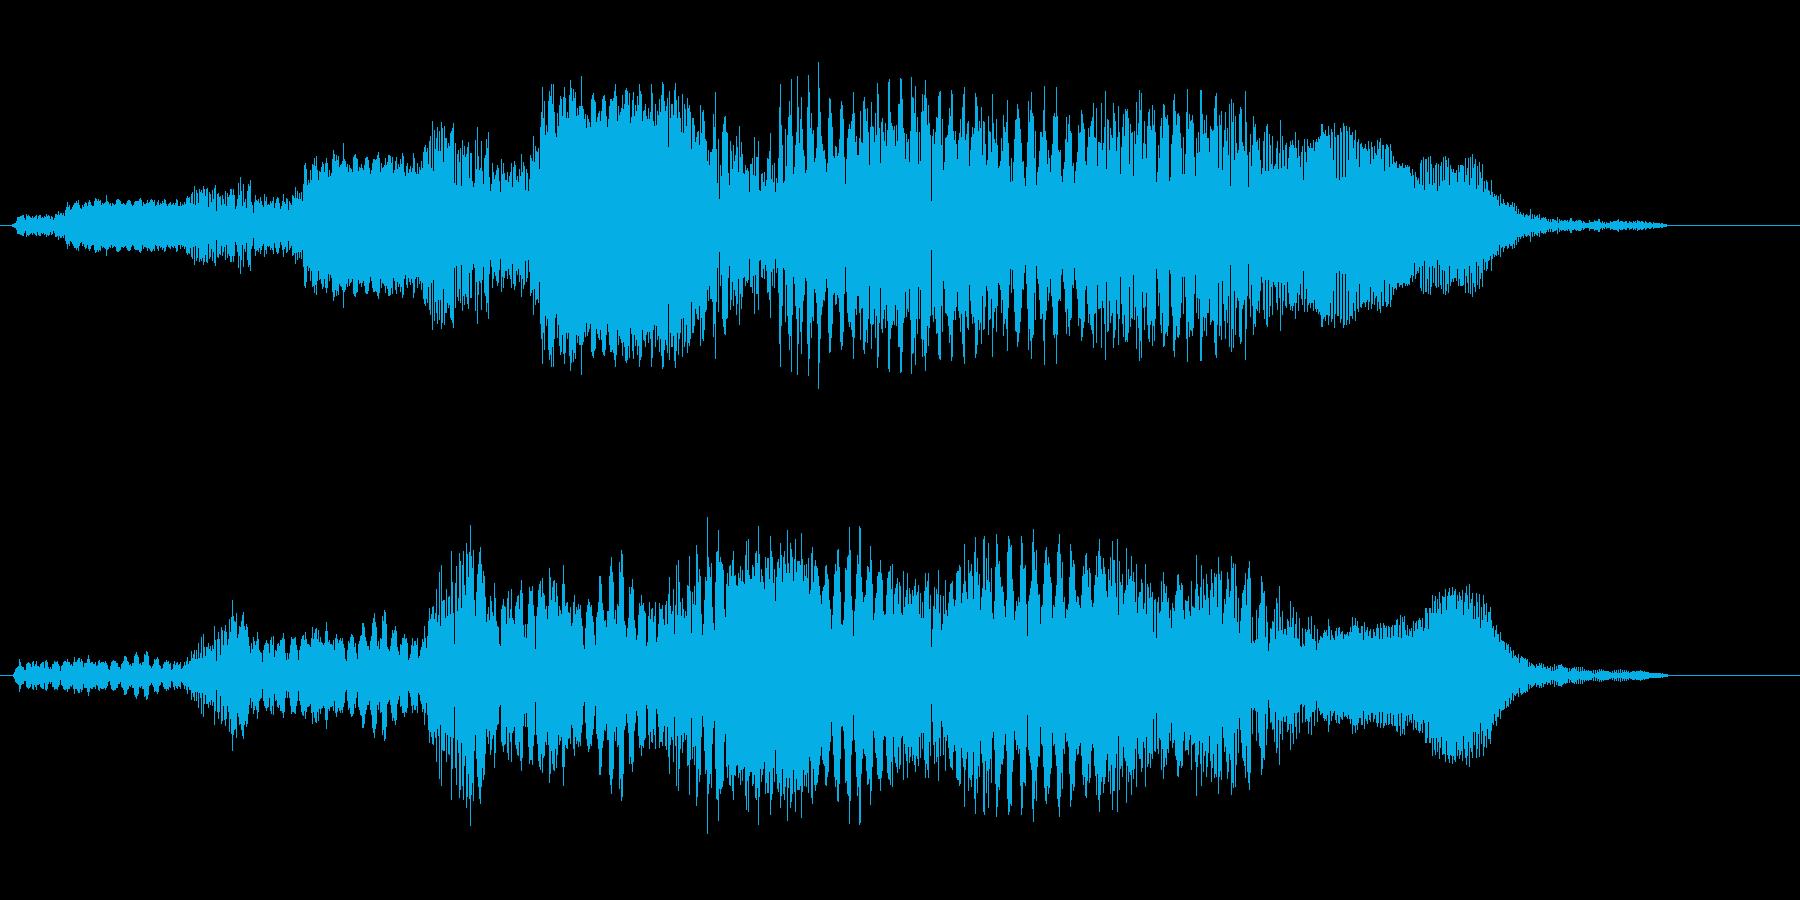 コミカル飛行音(宇宙人の道具の様な音)の再生済みの波形